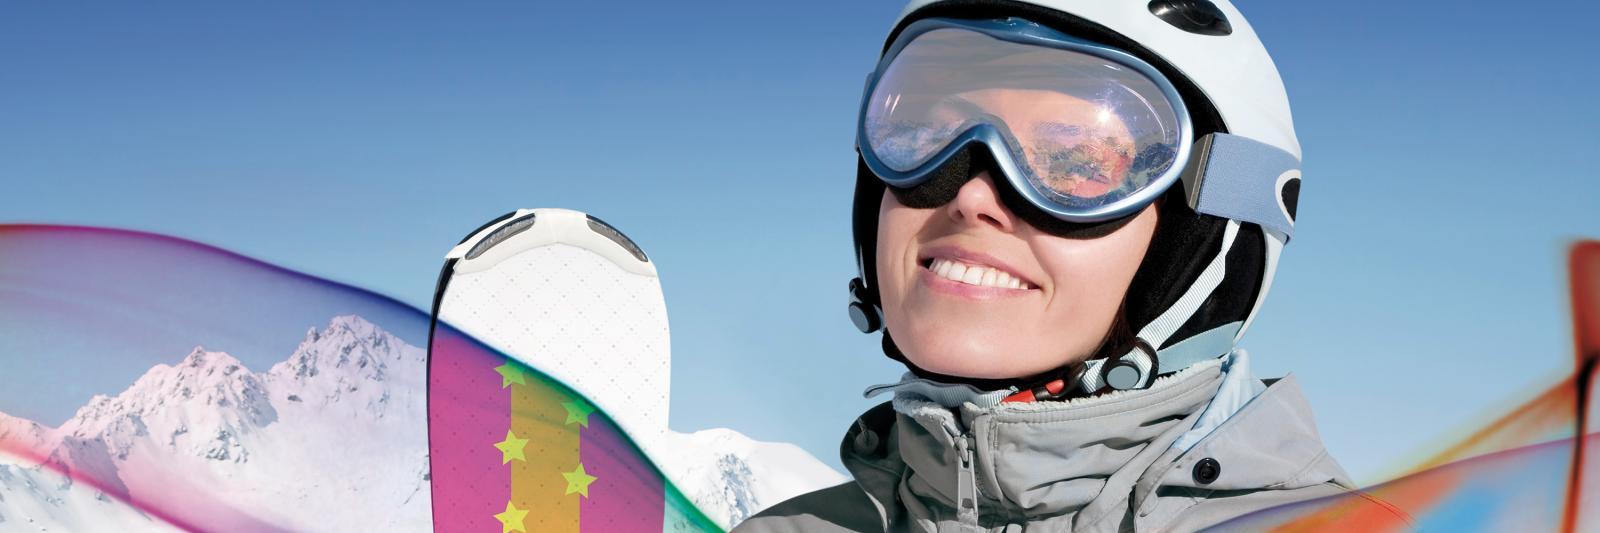 Sublimationspapiere für Transferdruck - Snowboardfahrerin mit weißem Helm im Gebirge schaut in die Sonne